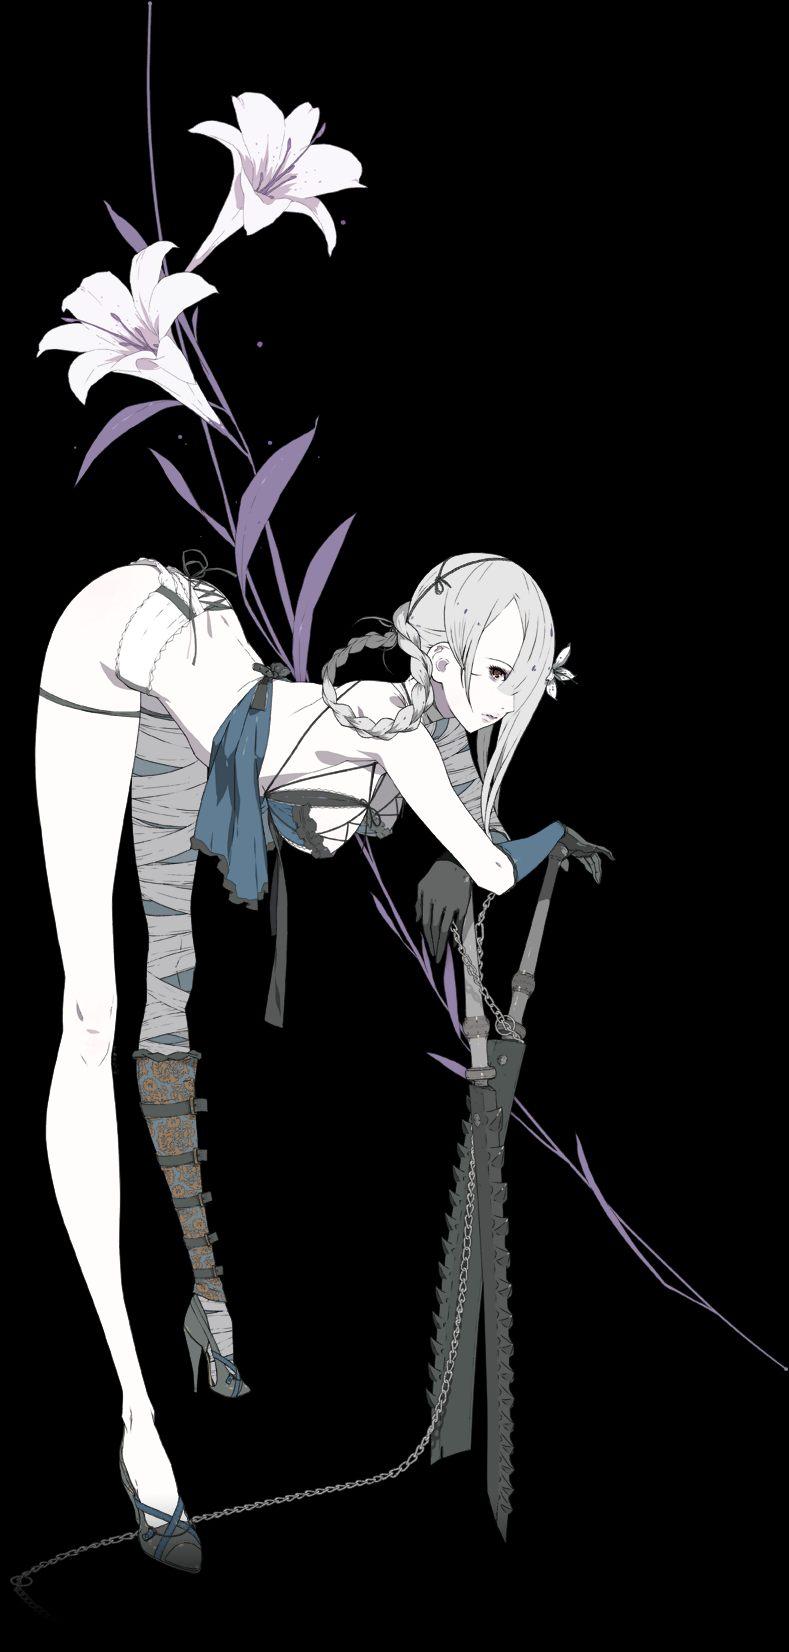 Clipart sword jpeg. Image kaine png nier